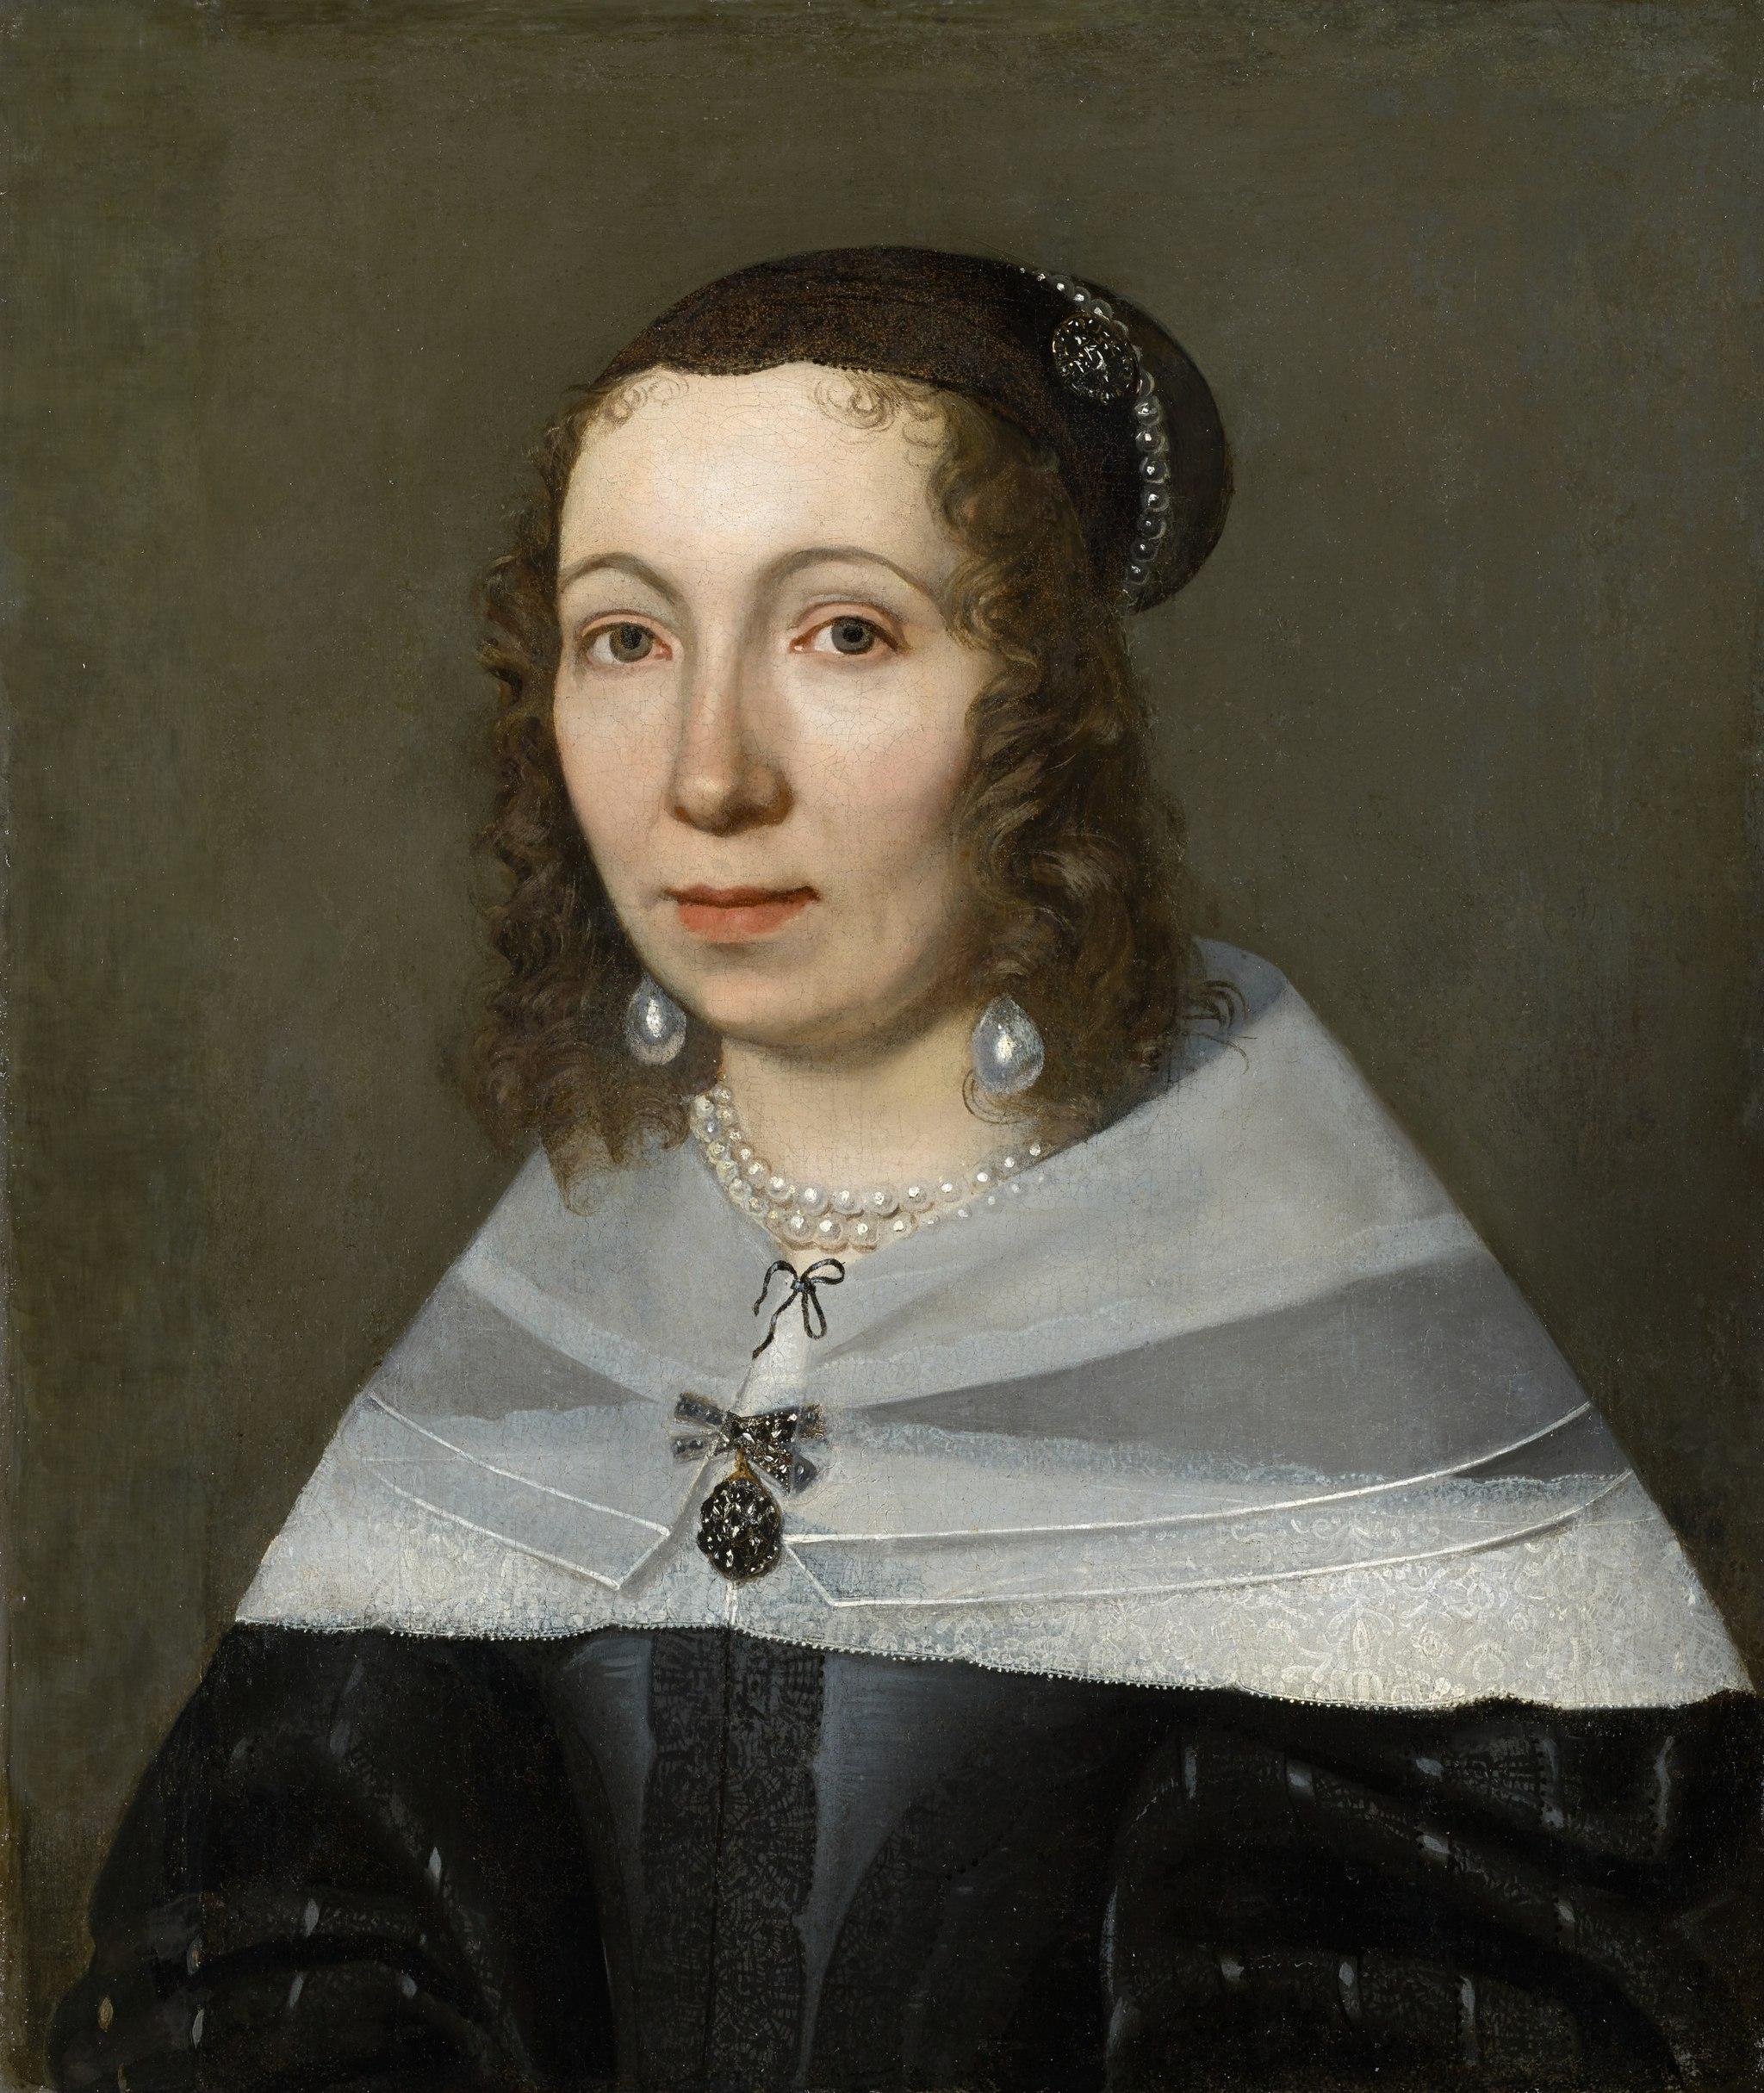 A 17th-century portrait of Maria Sibylla Merian.